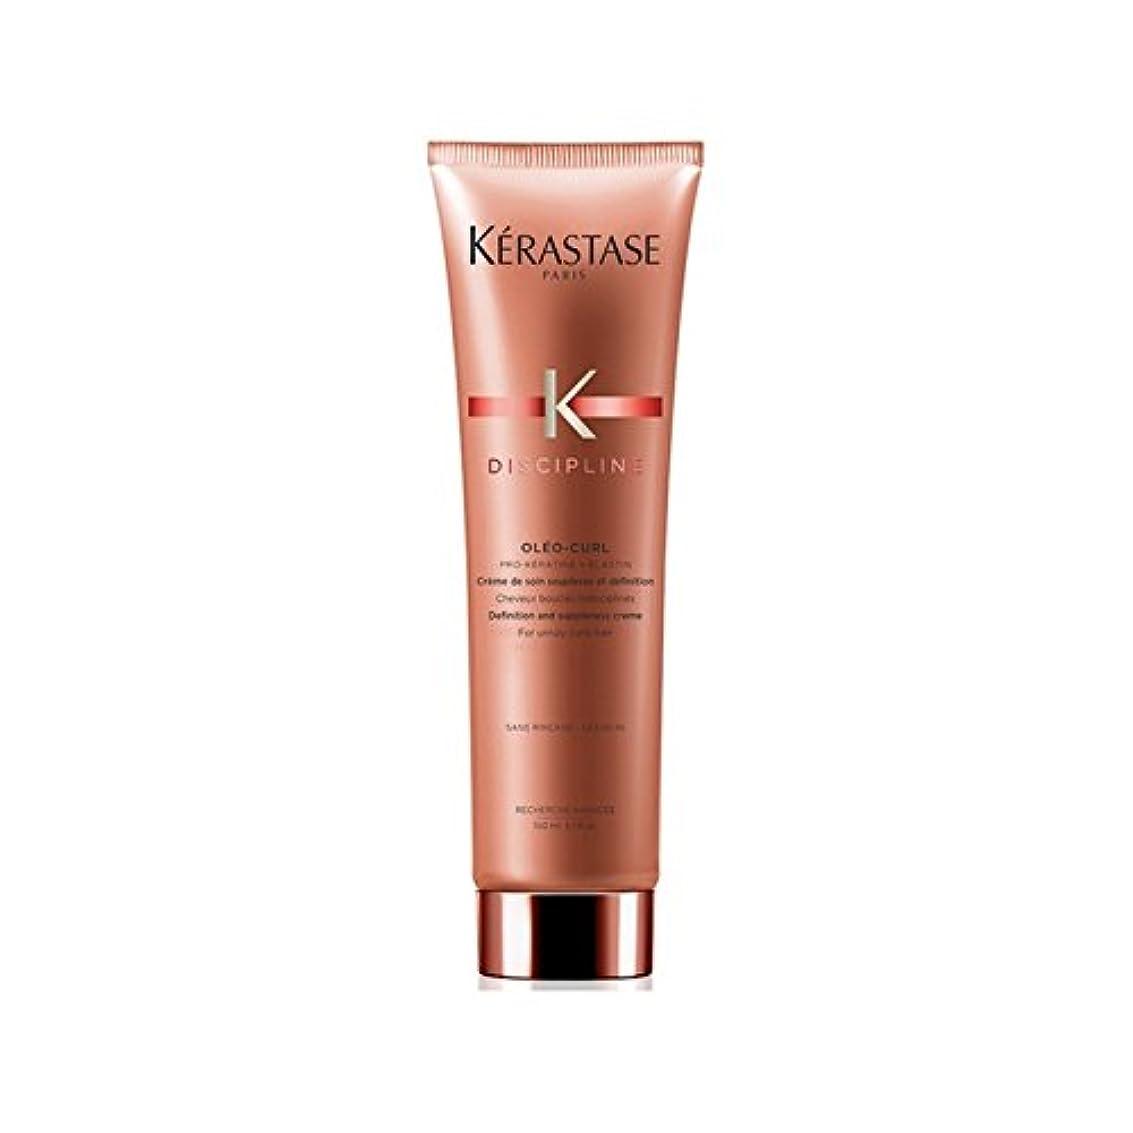 吸い込むデータ委任する理想的なクレンジングコンディショナー400ミリリットルカールケラスターゼの規律 x2 - K?rastase Discipline Curl Ideal Cleansing Conditioner 400ml (Pack...